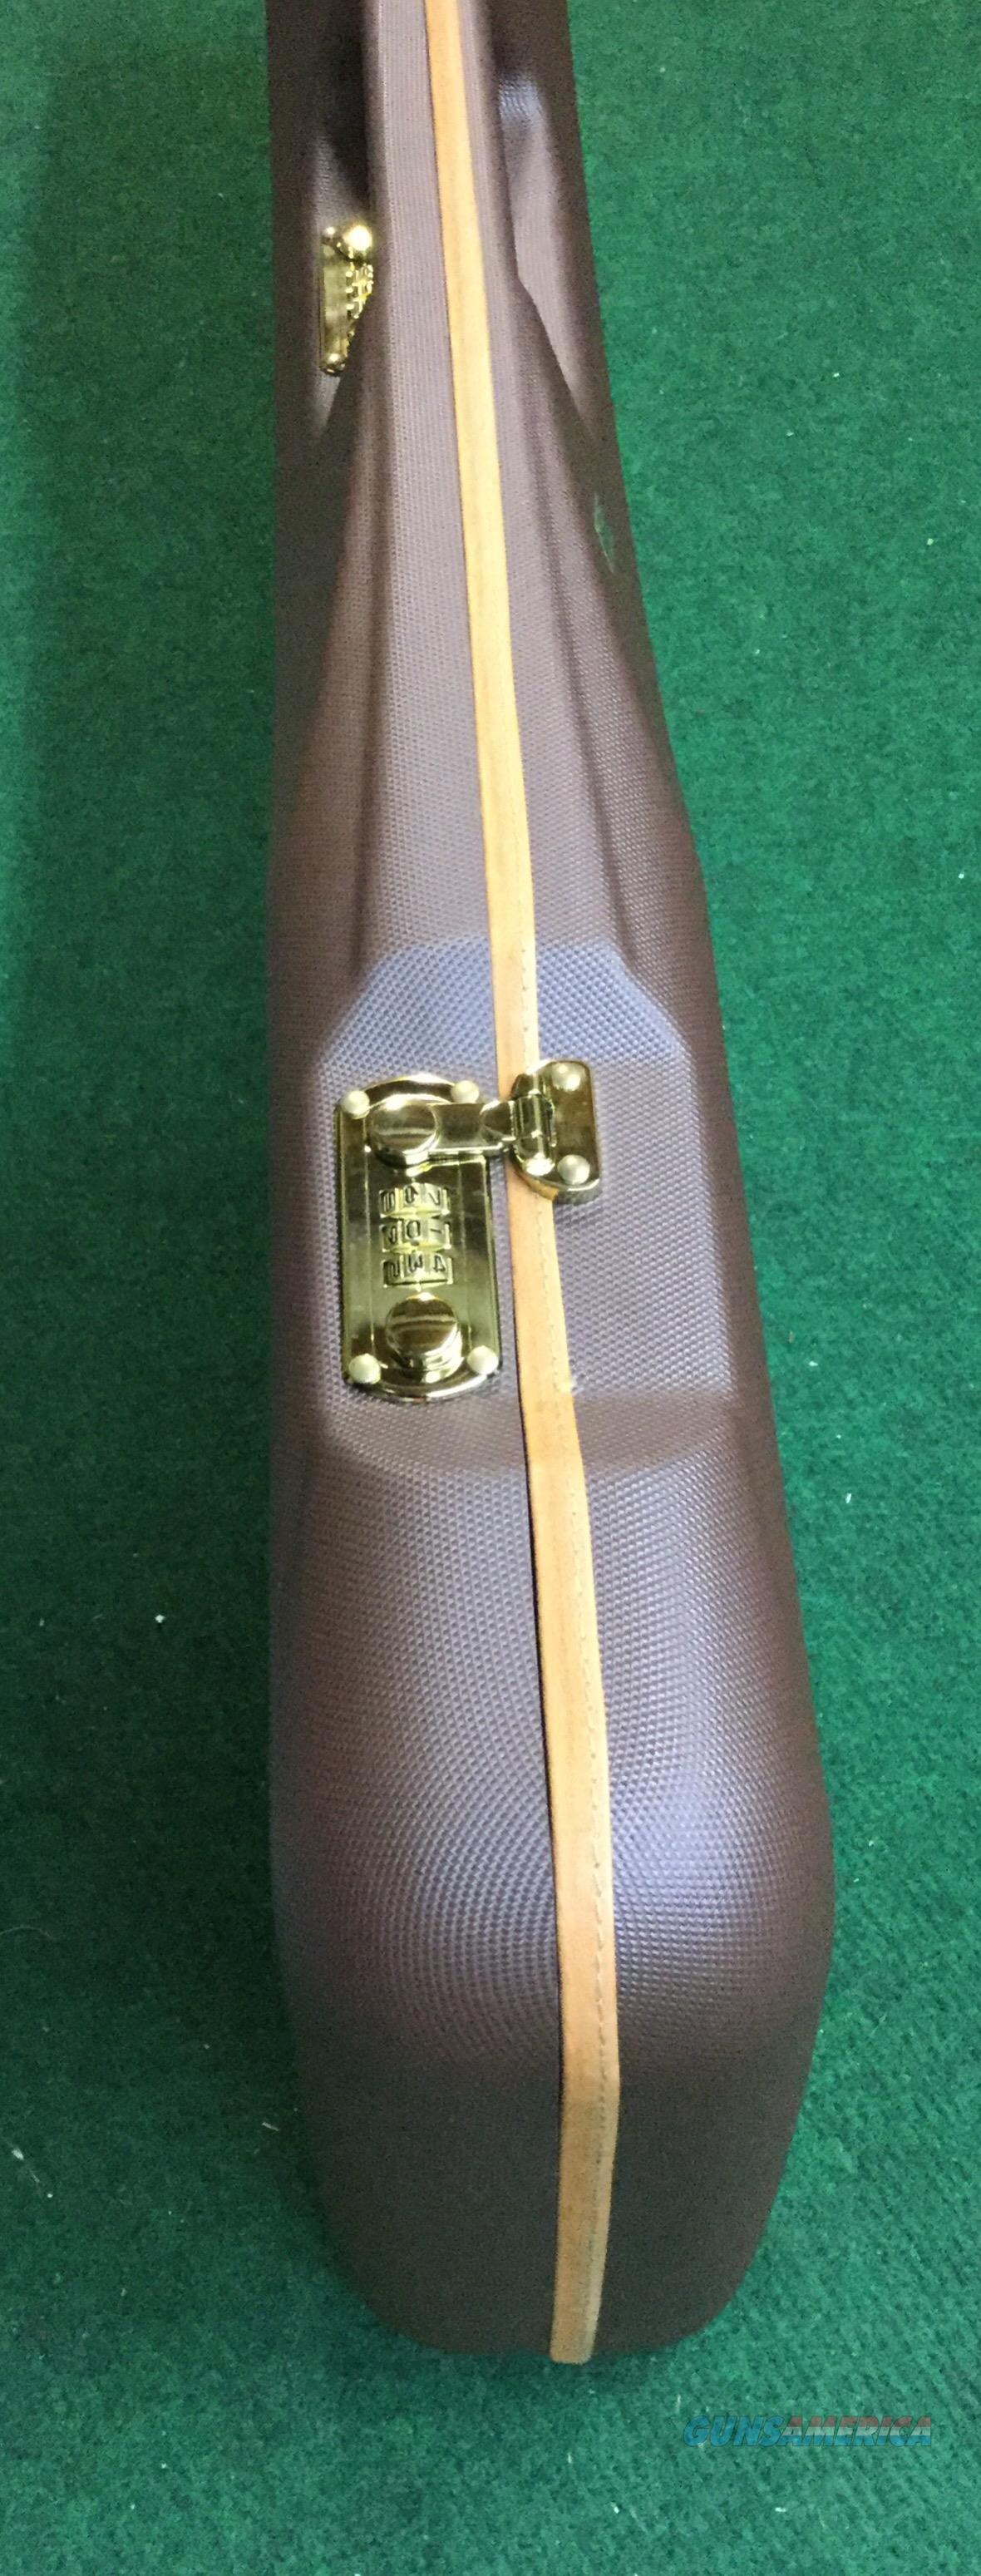 NEGRINI DELUXE SHOTGUN TRAVEL CASE - MODEL 1602LX/4707  Non-Guns > Gun Cases